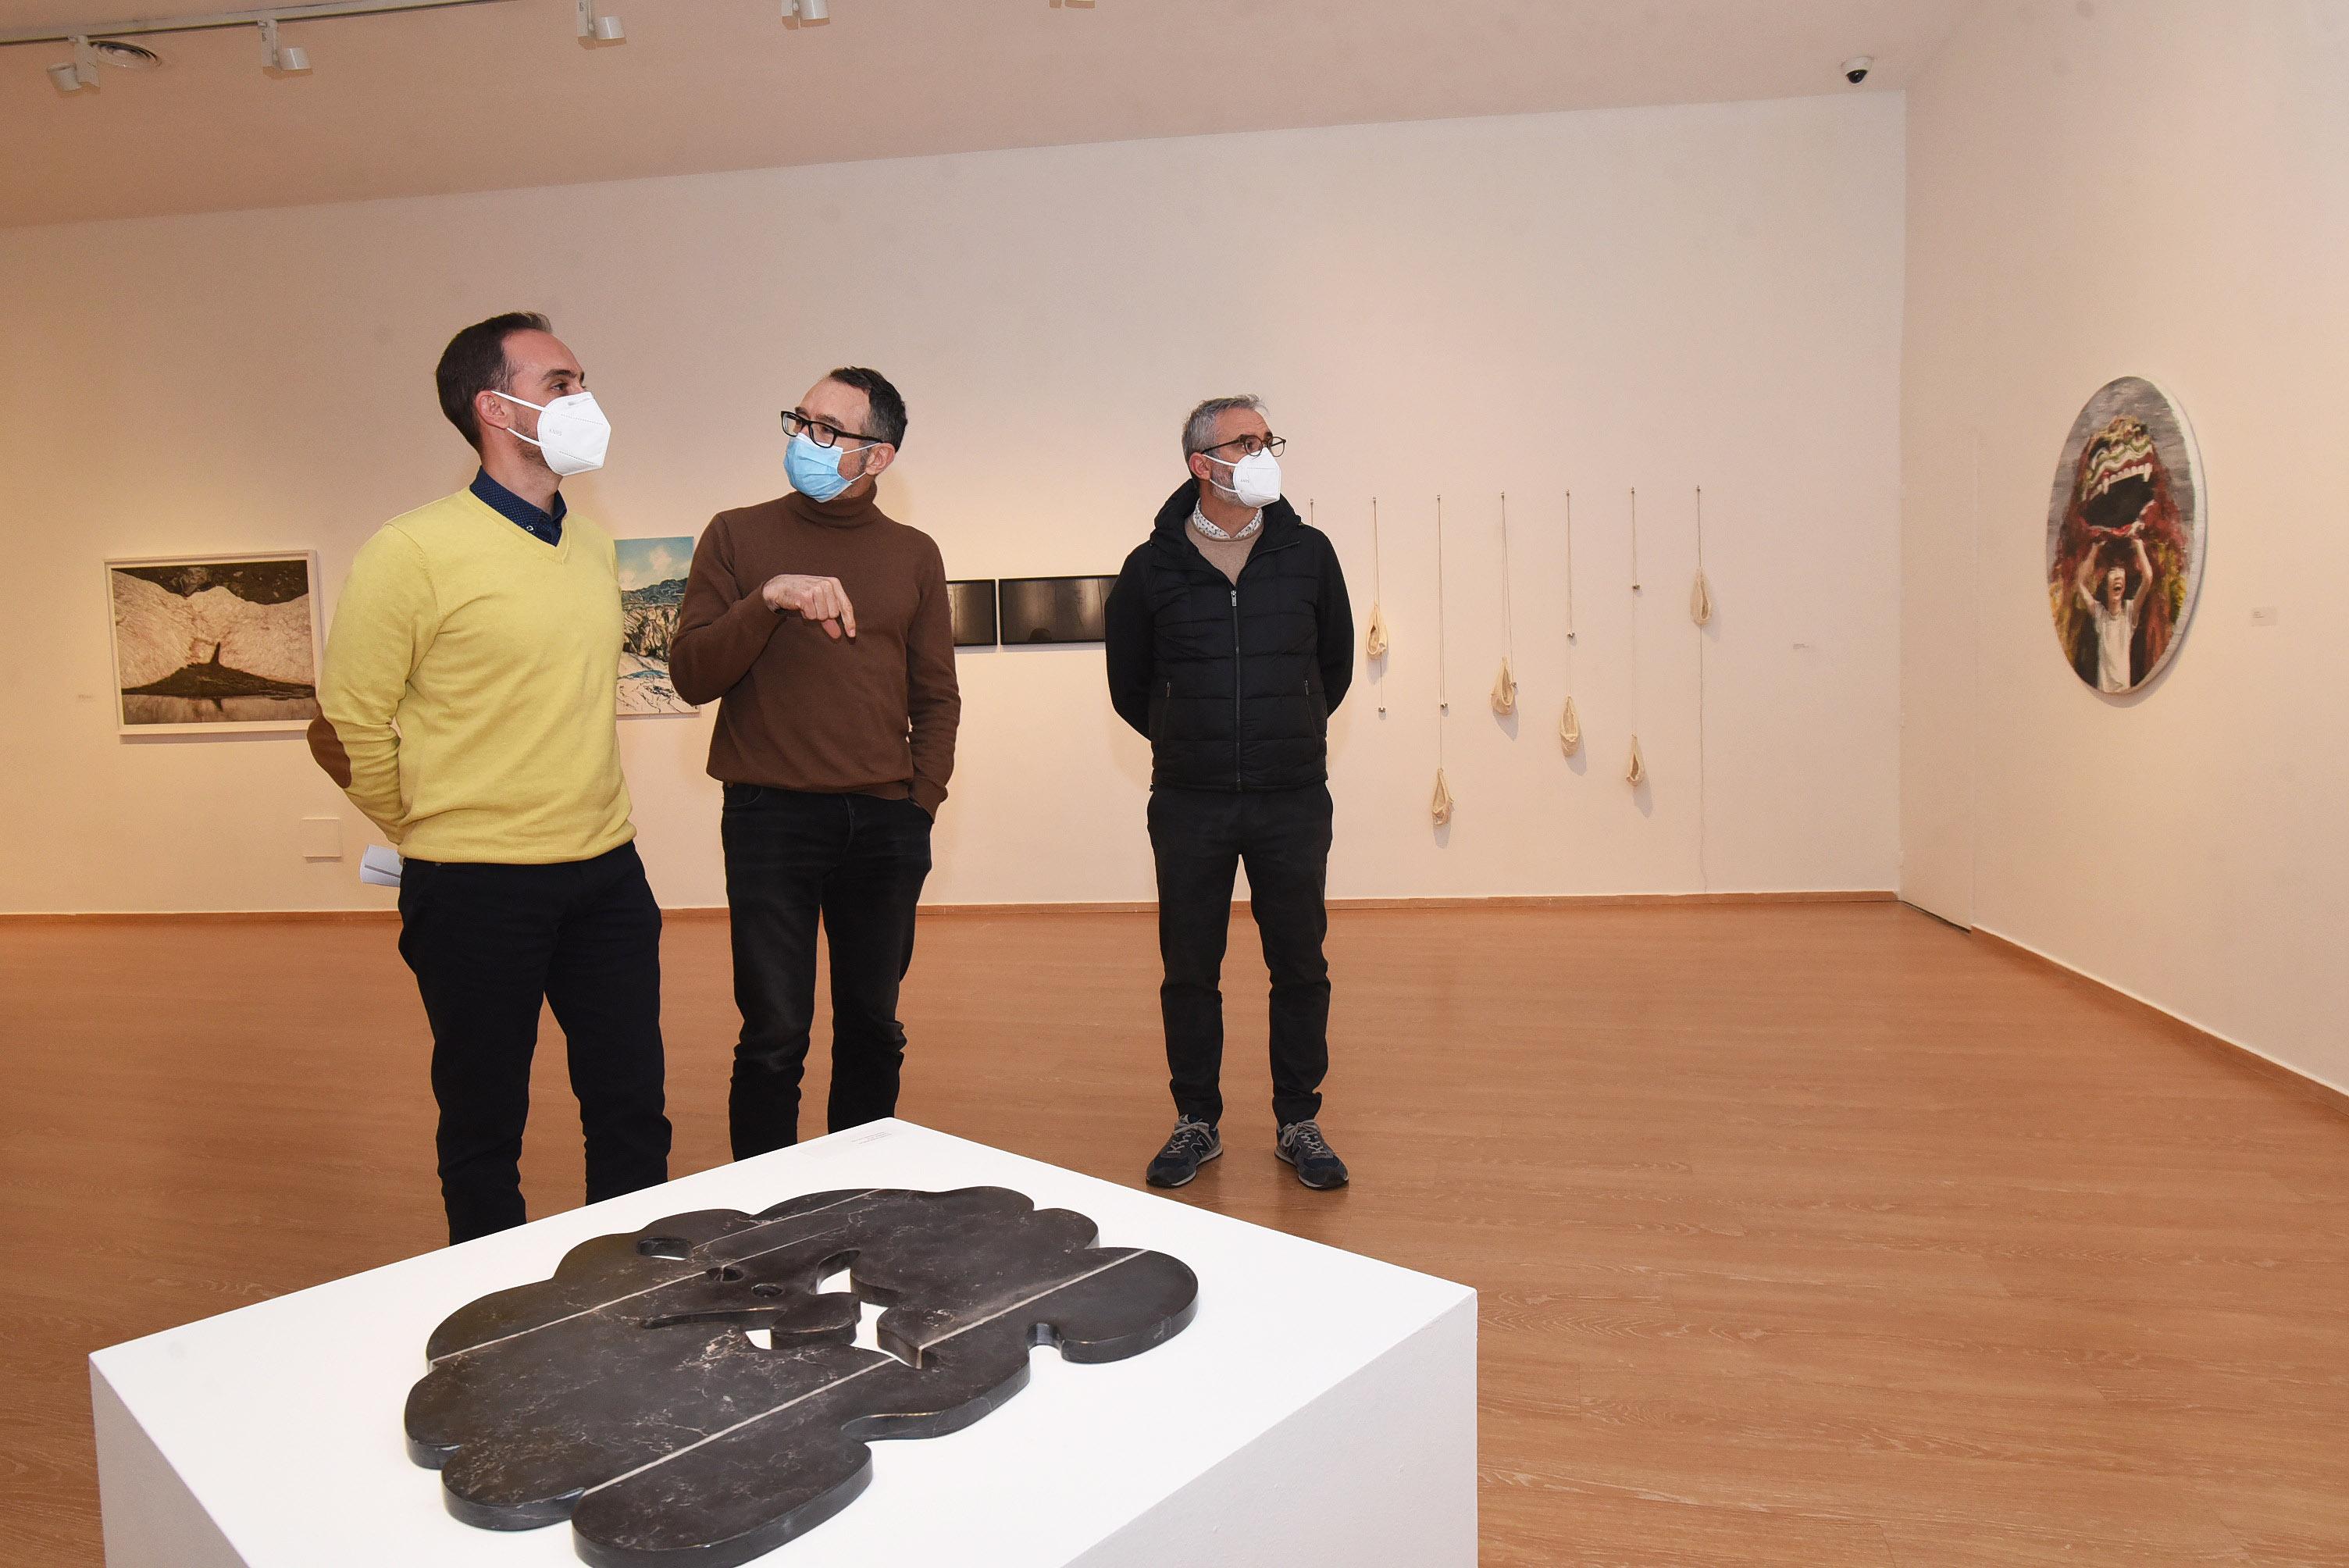 Reúnen 25 obras galardonadas en los Premios a la Creación Artística de Diputación en un exposición